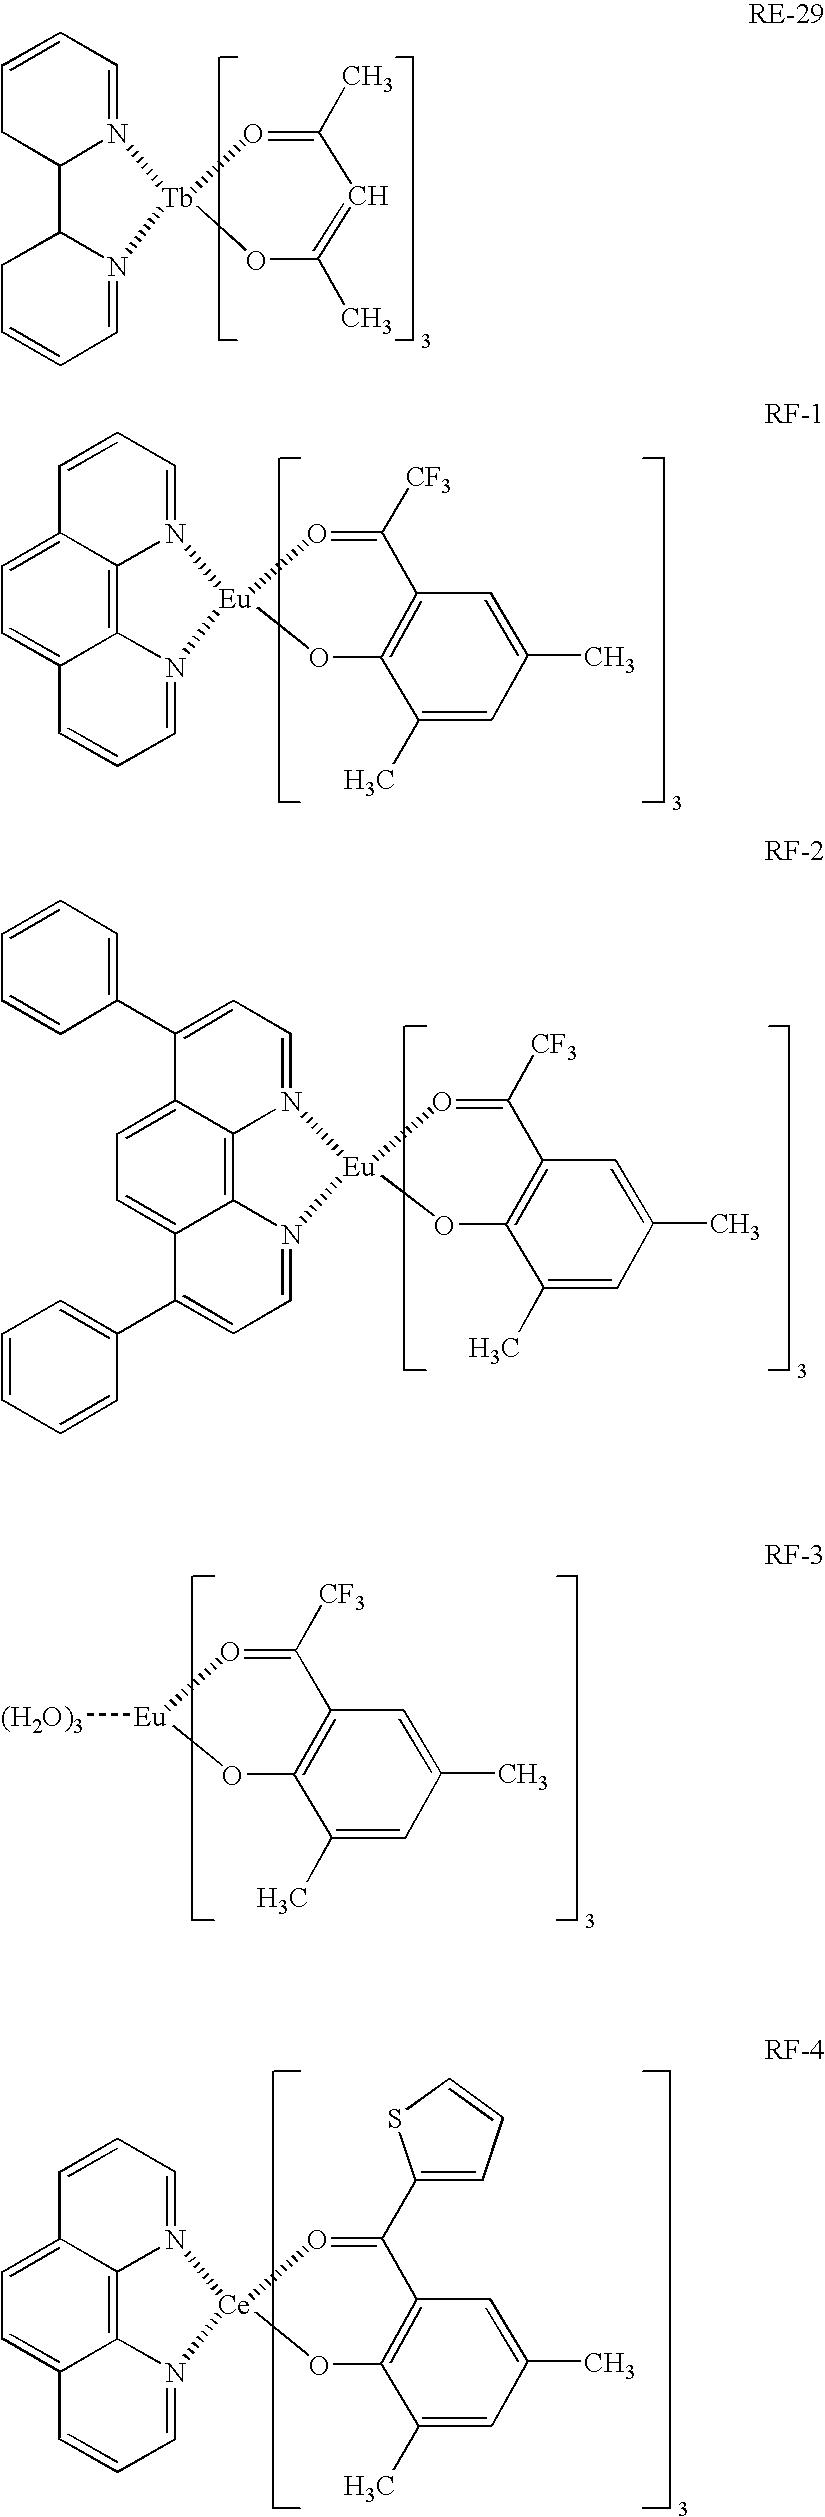 Figure US20040062951A1-20040401-C00051